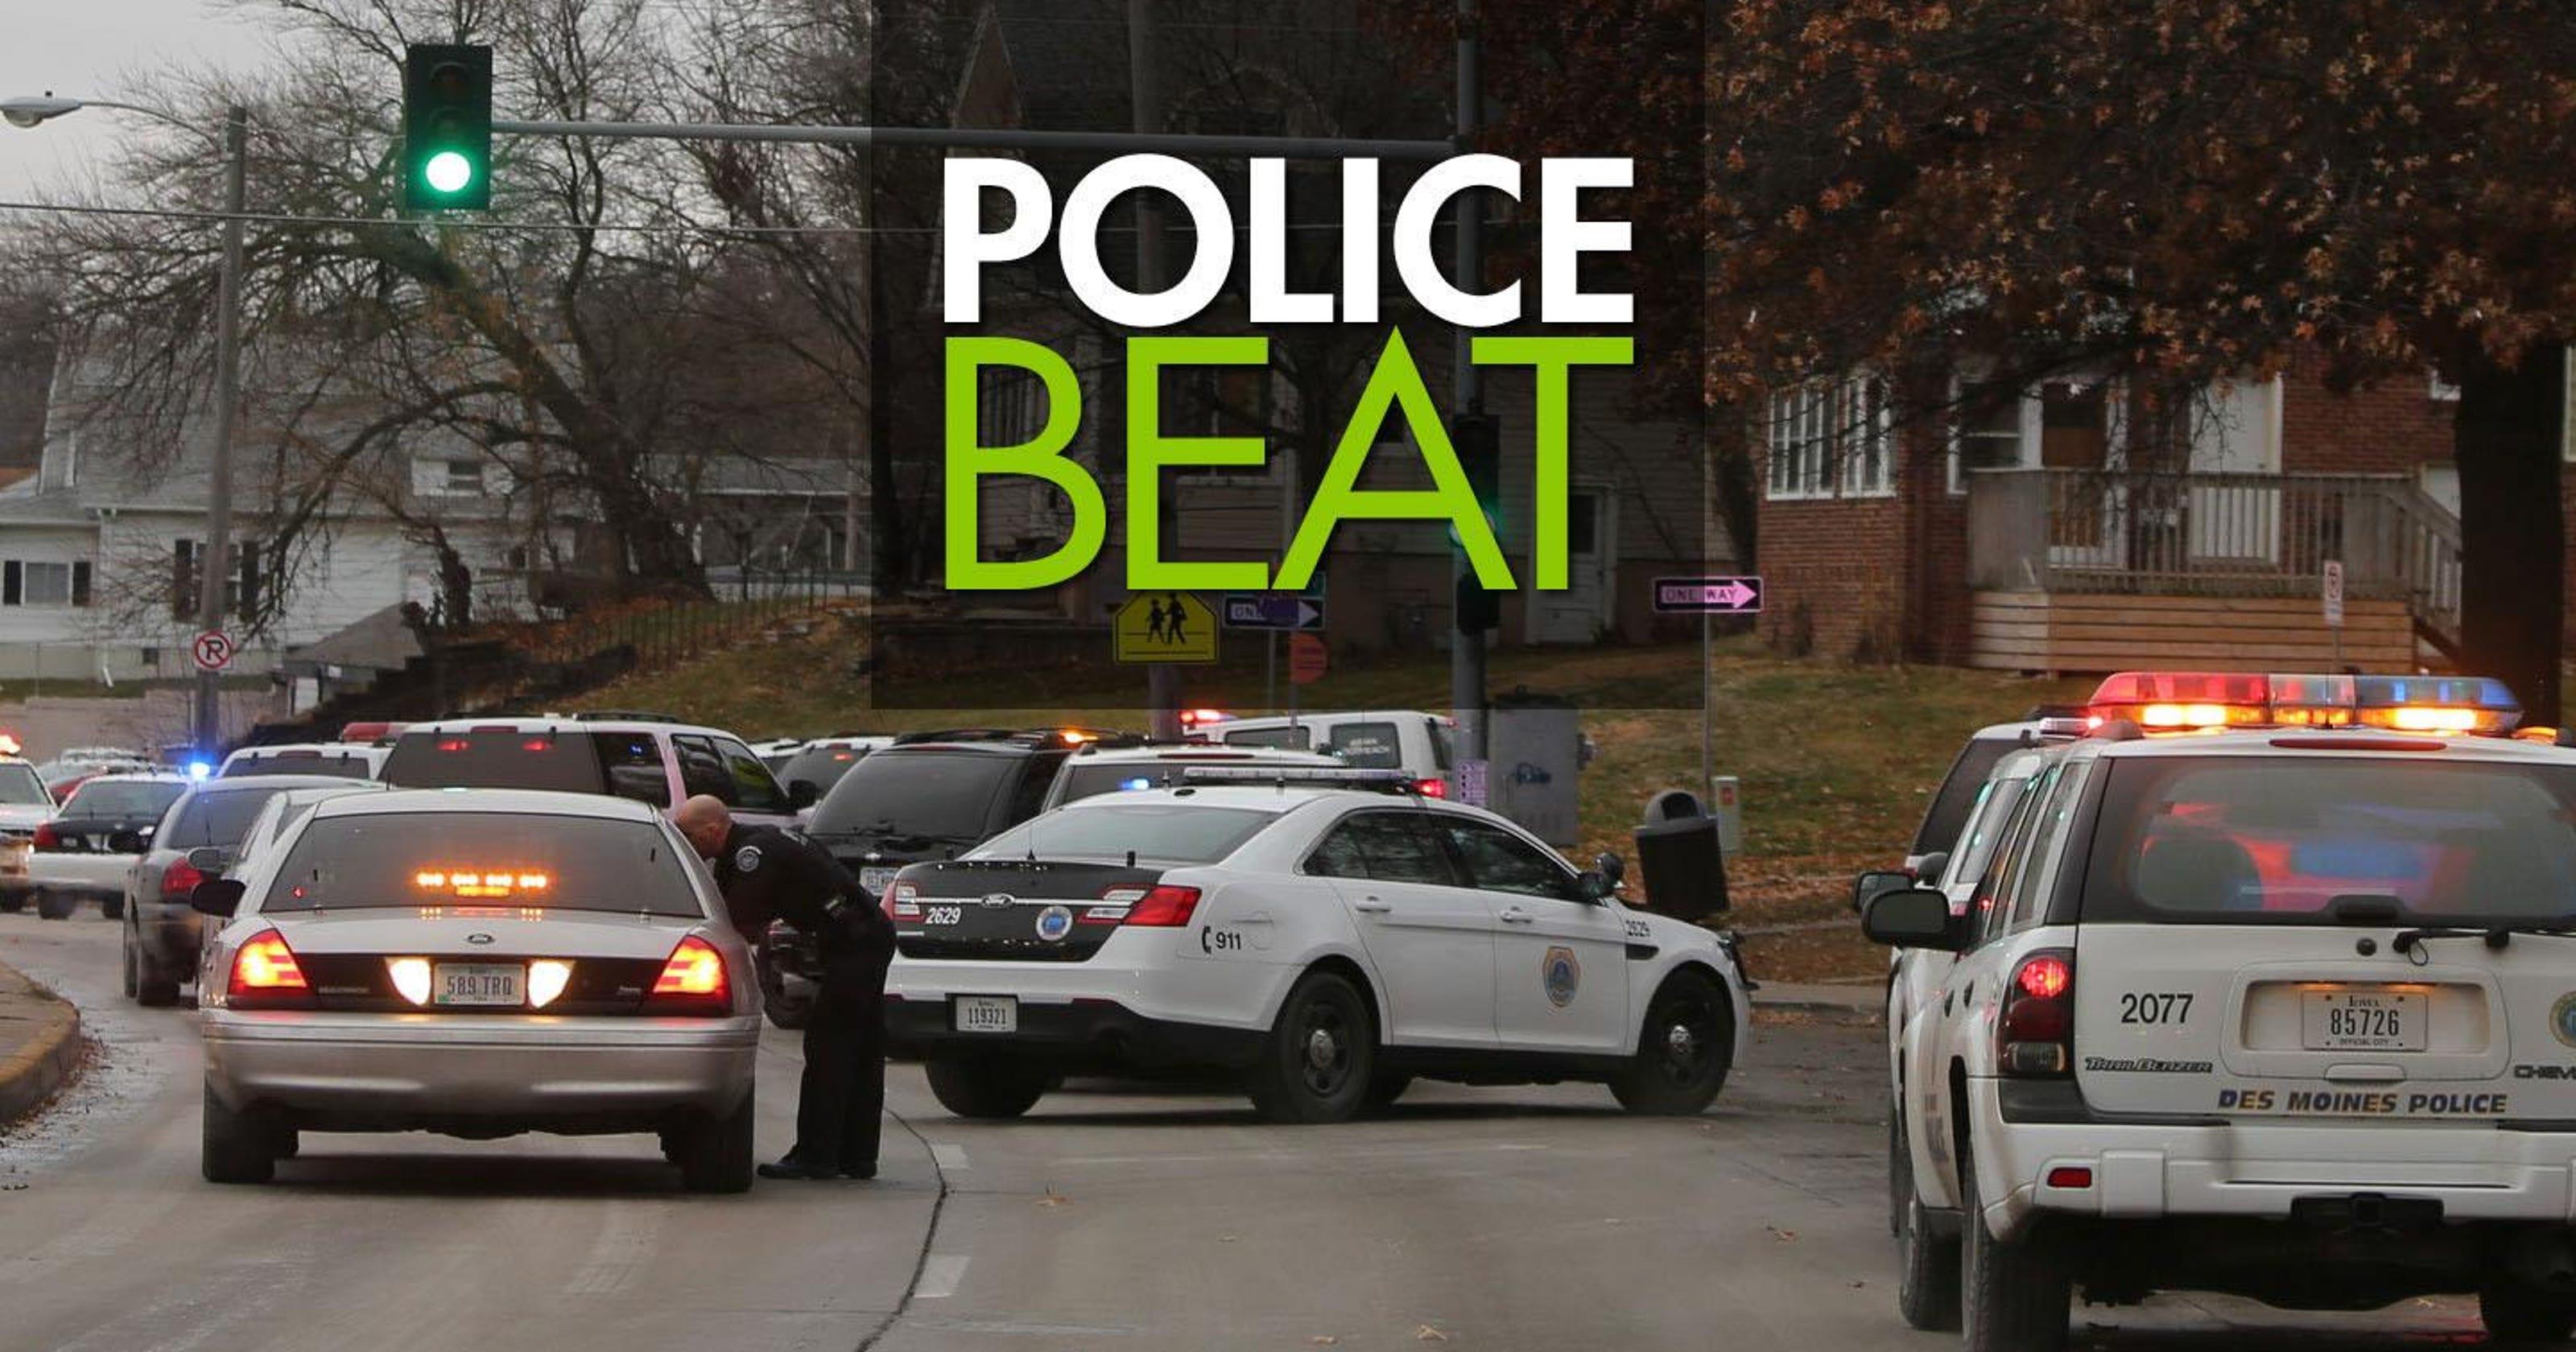 Drugs leading reason for arrests in Warren County